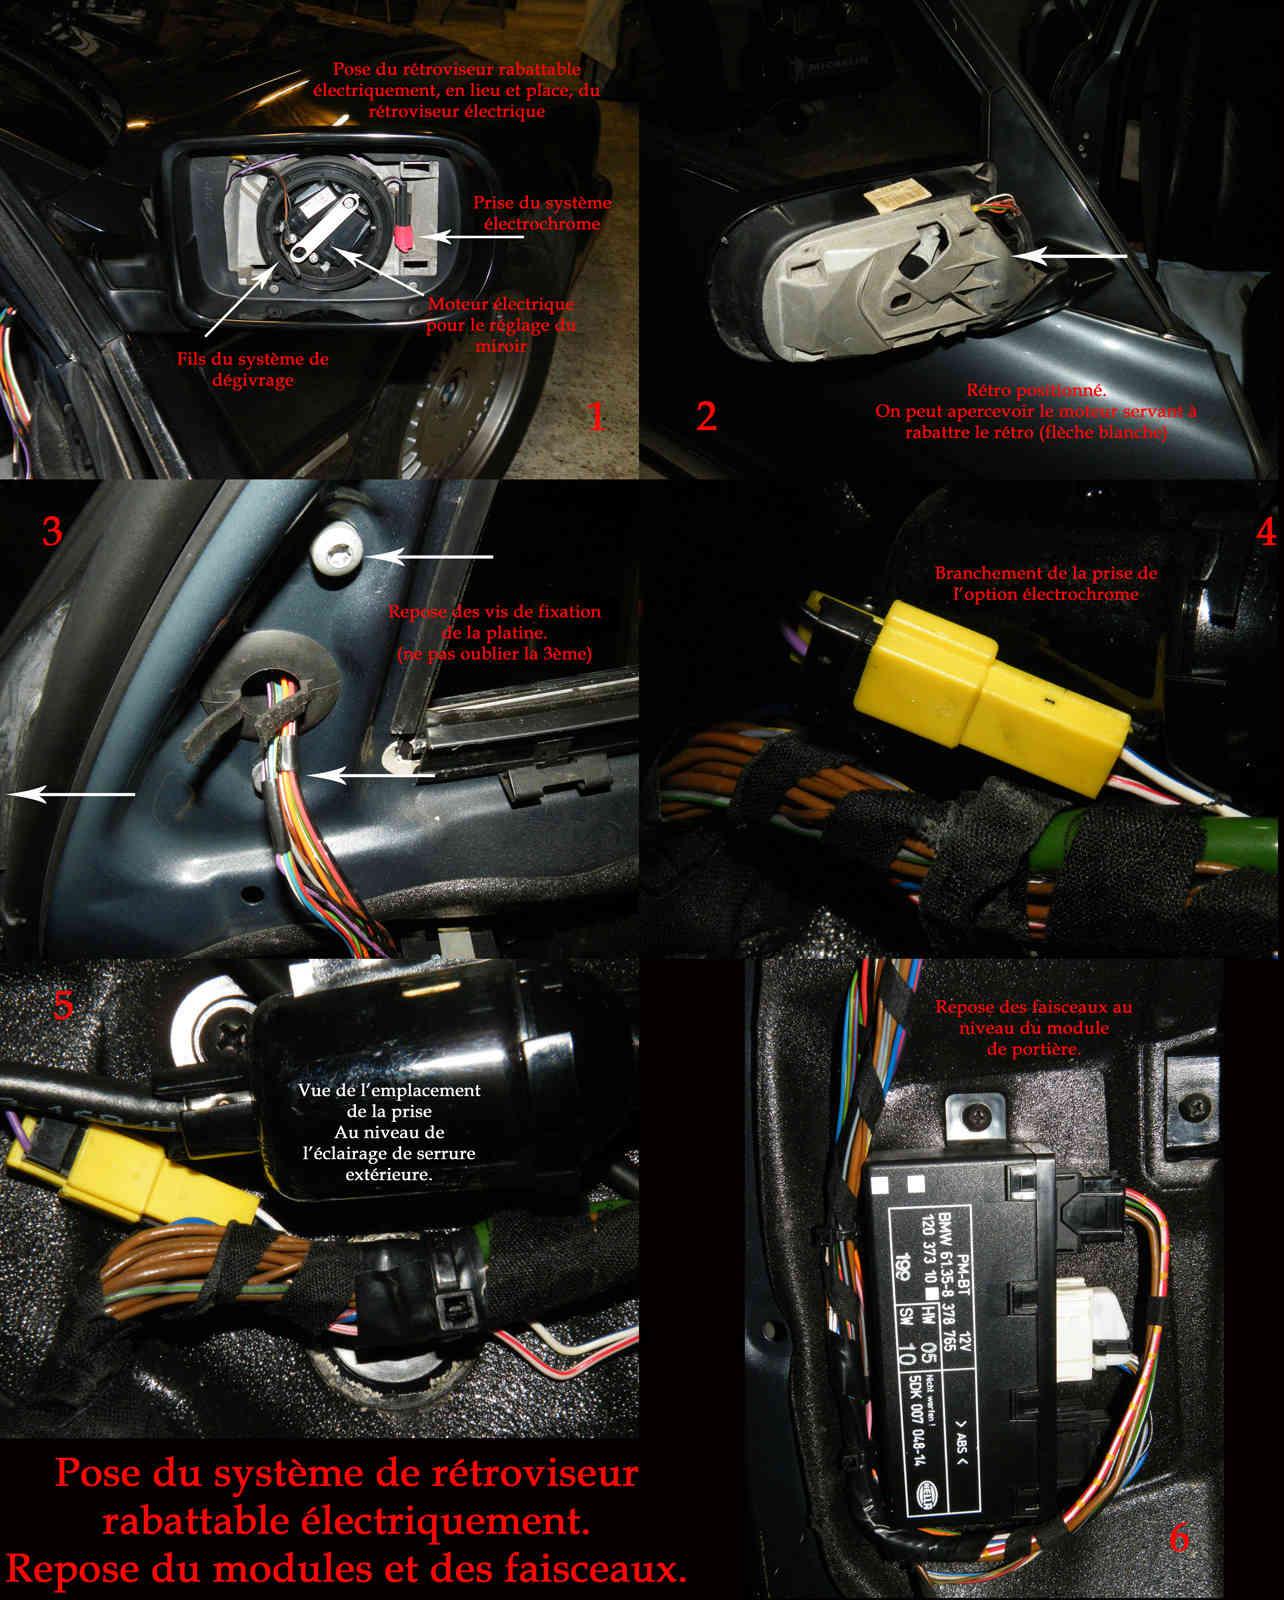 [Tutoriel] Rétrofit montage rétros rabattables électriquement Rr09p10